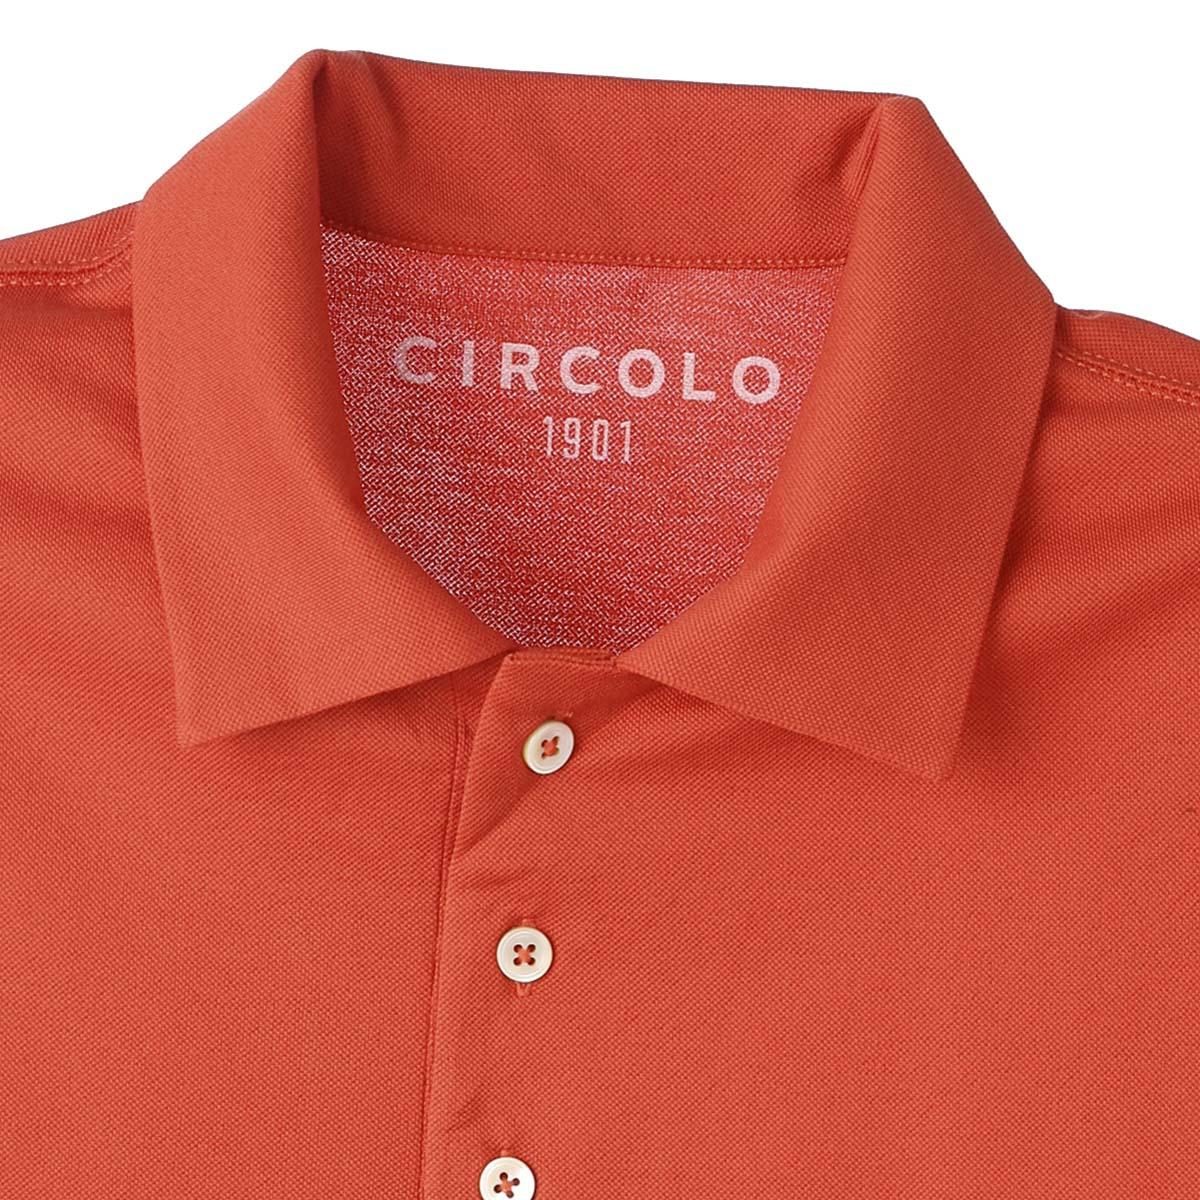 【アウトレット】CIRCOLO 1901 チルコロ ポロシャツ メンズ